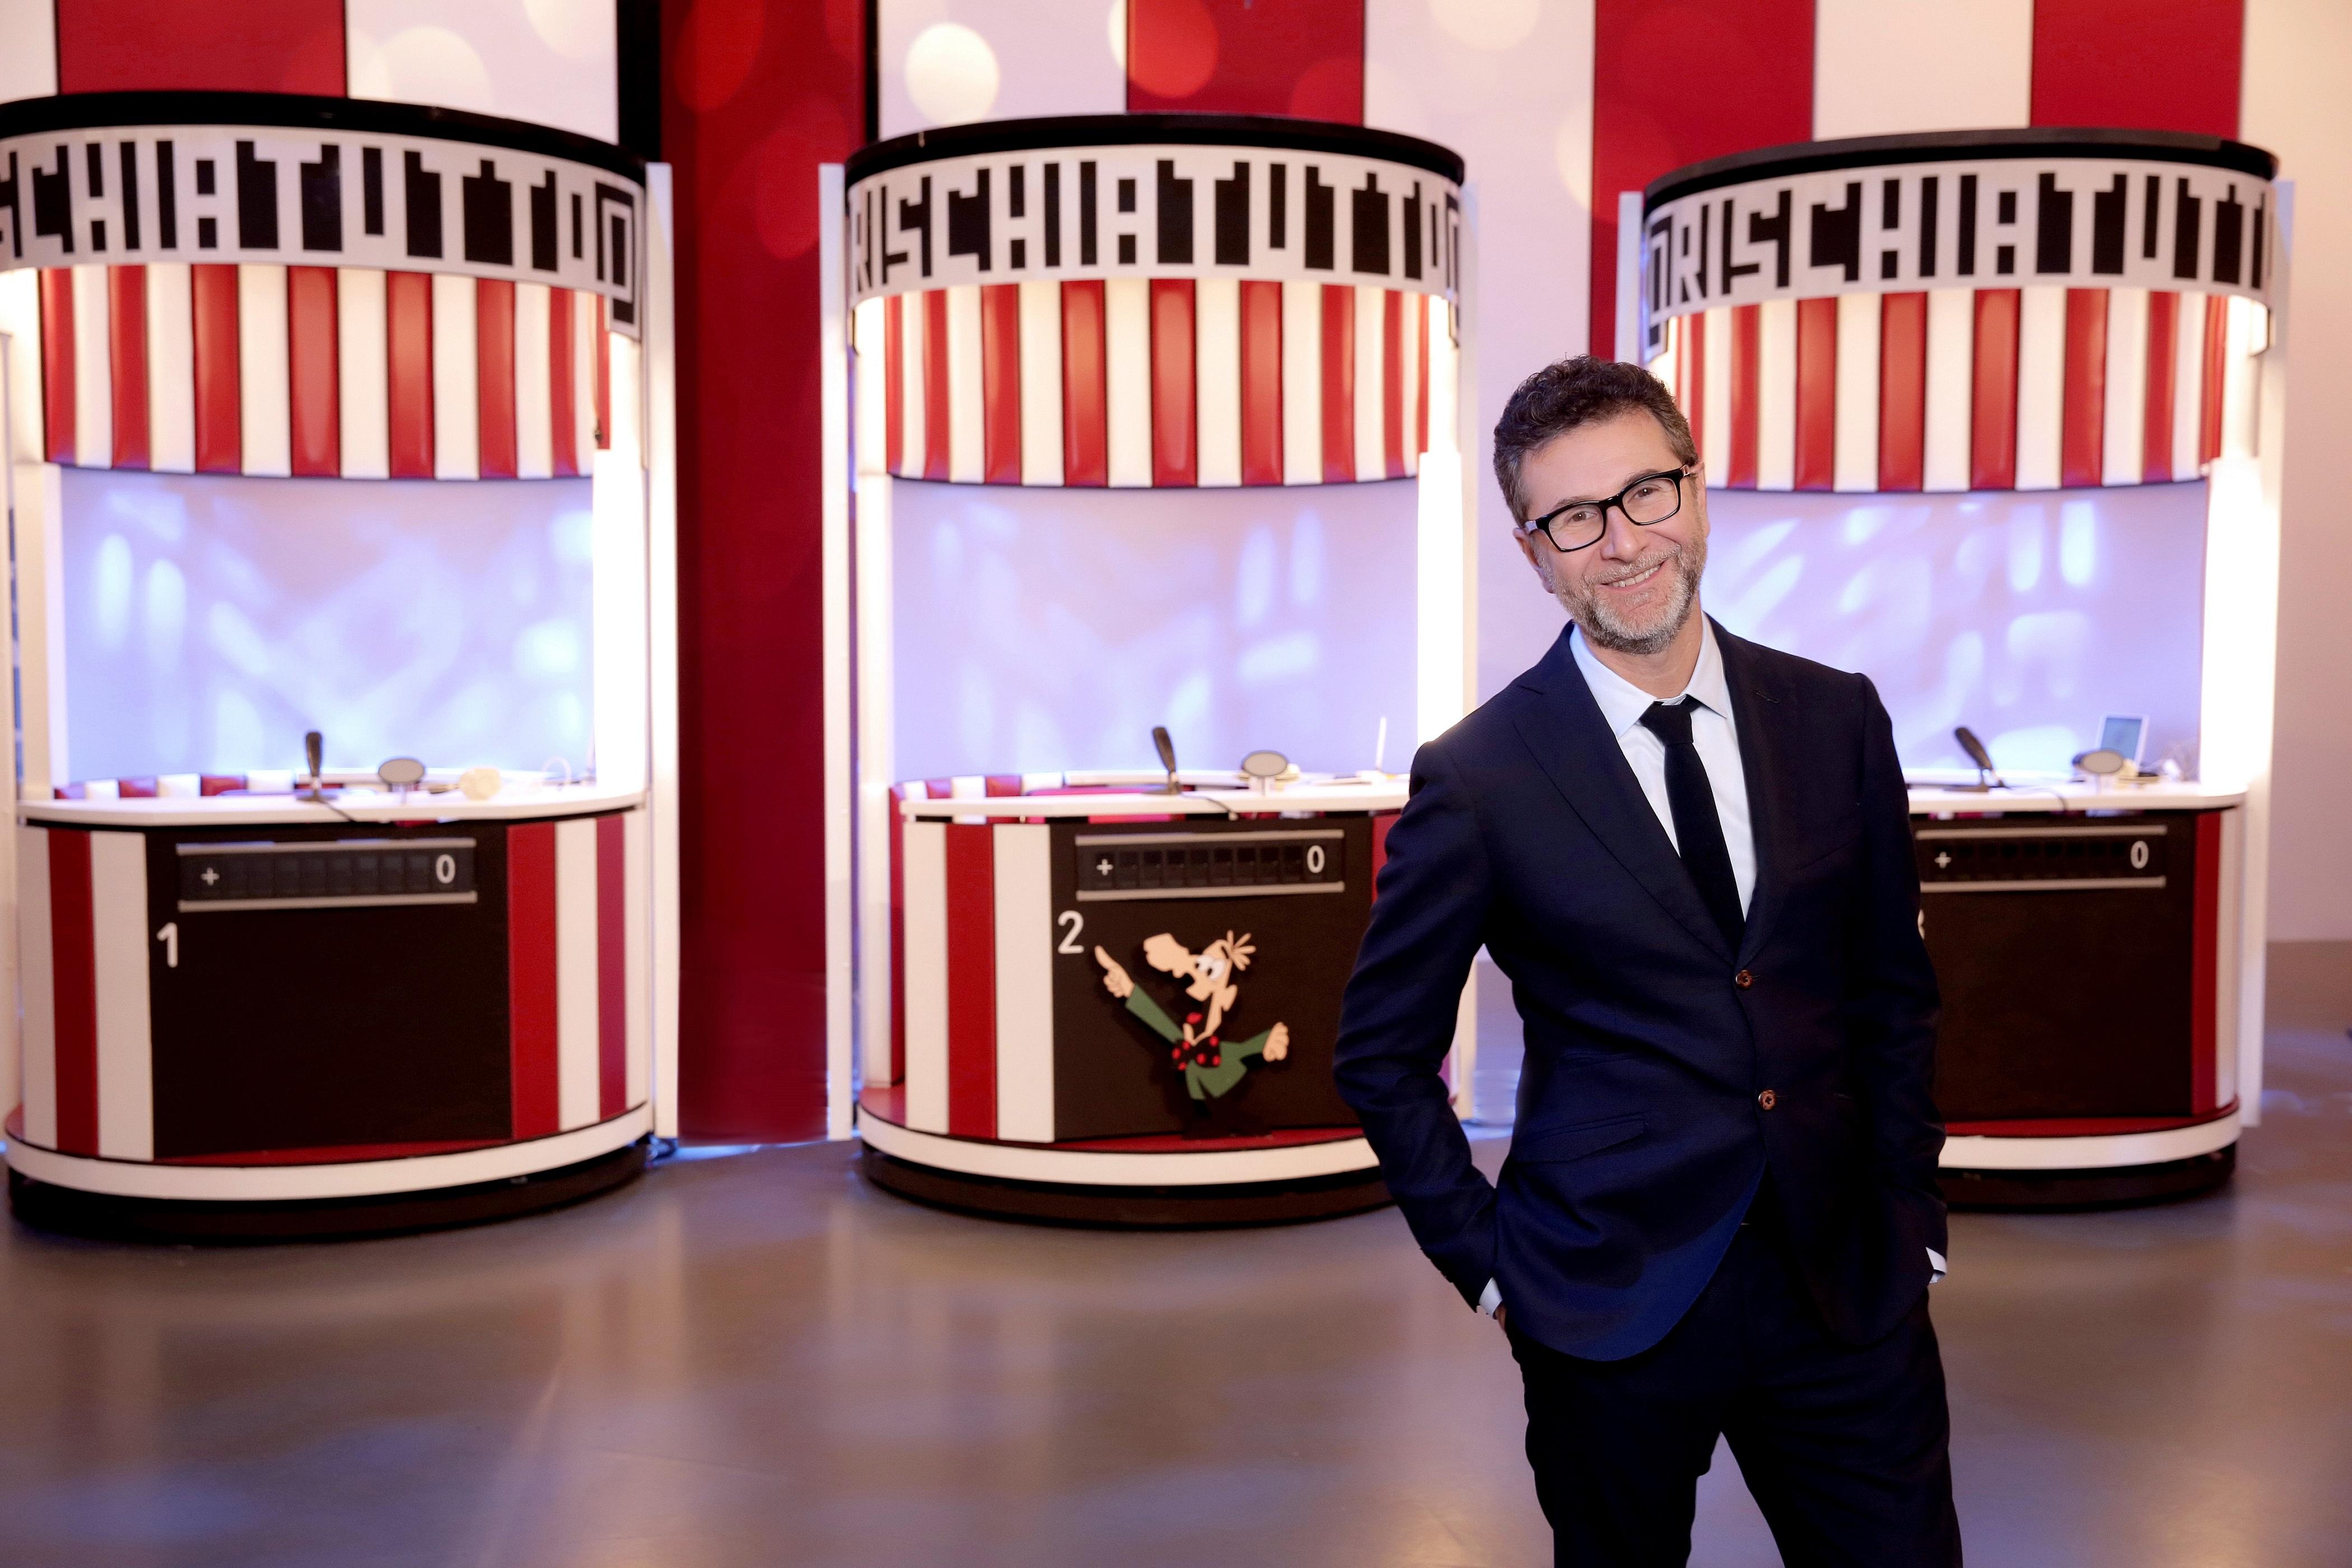 Stasera in TV, guida TV ai programmi TV di oggi giovedì 15 dicembre 2016